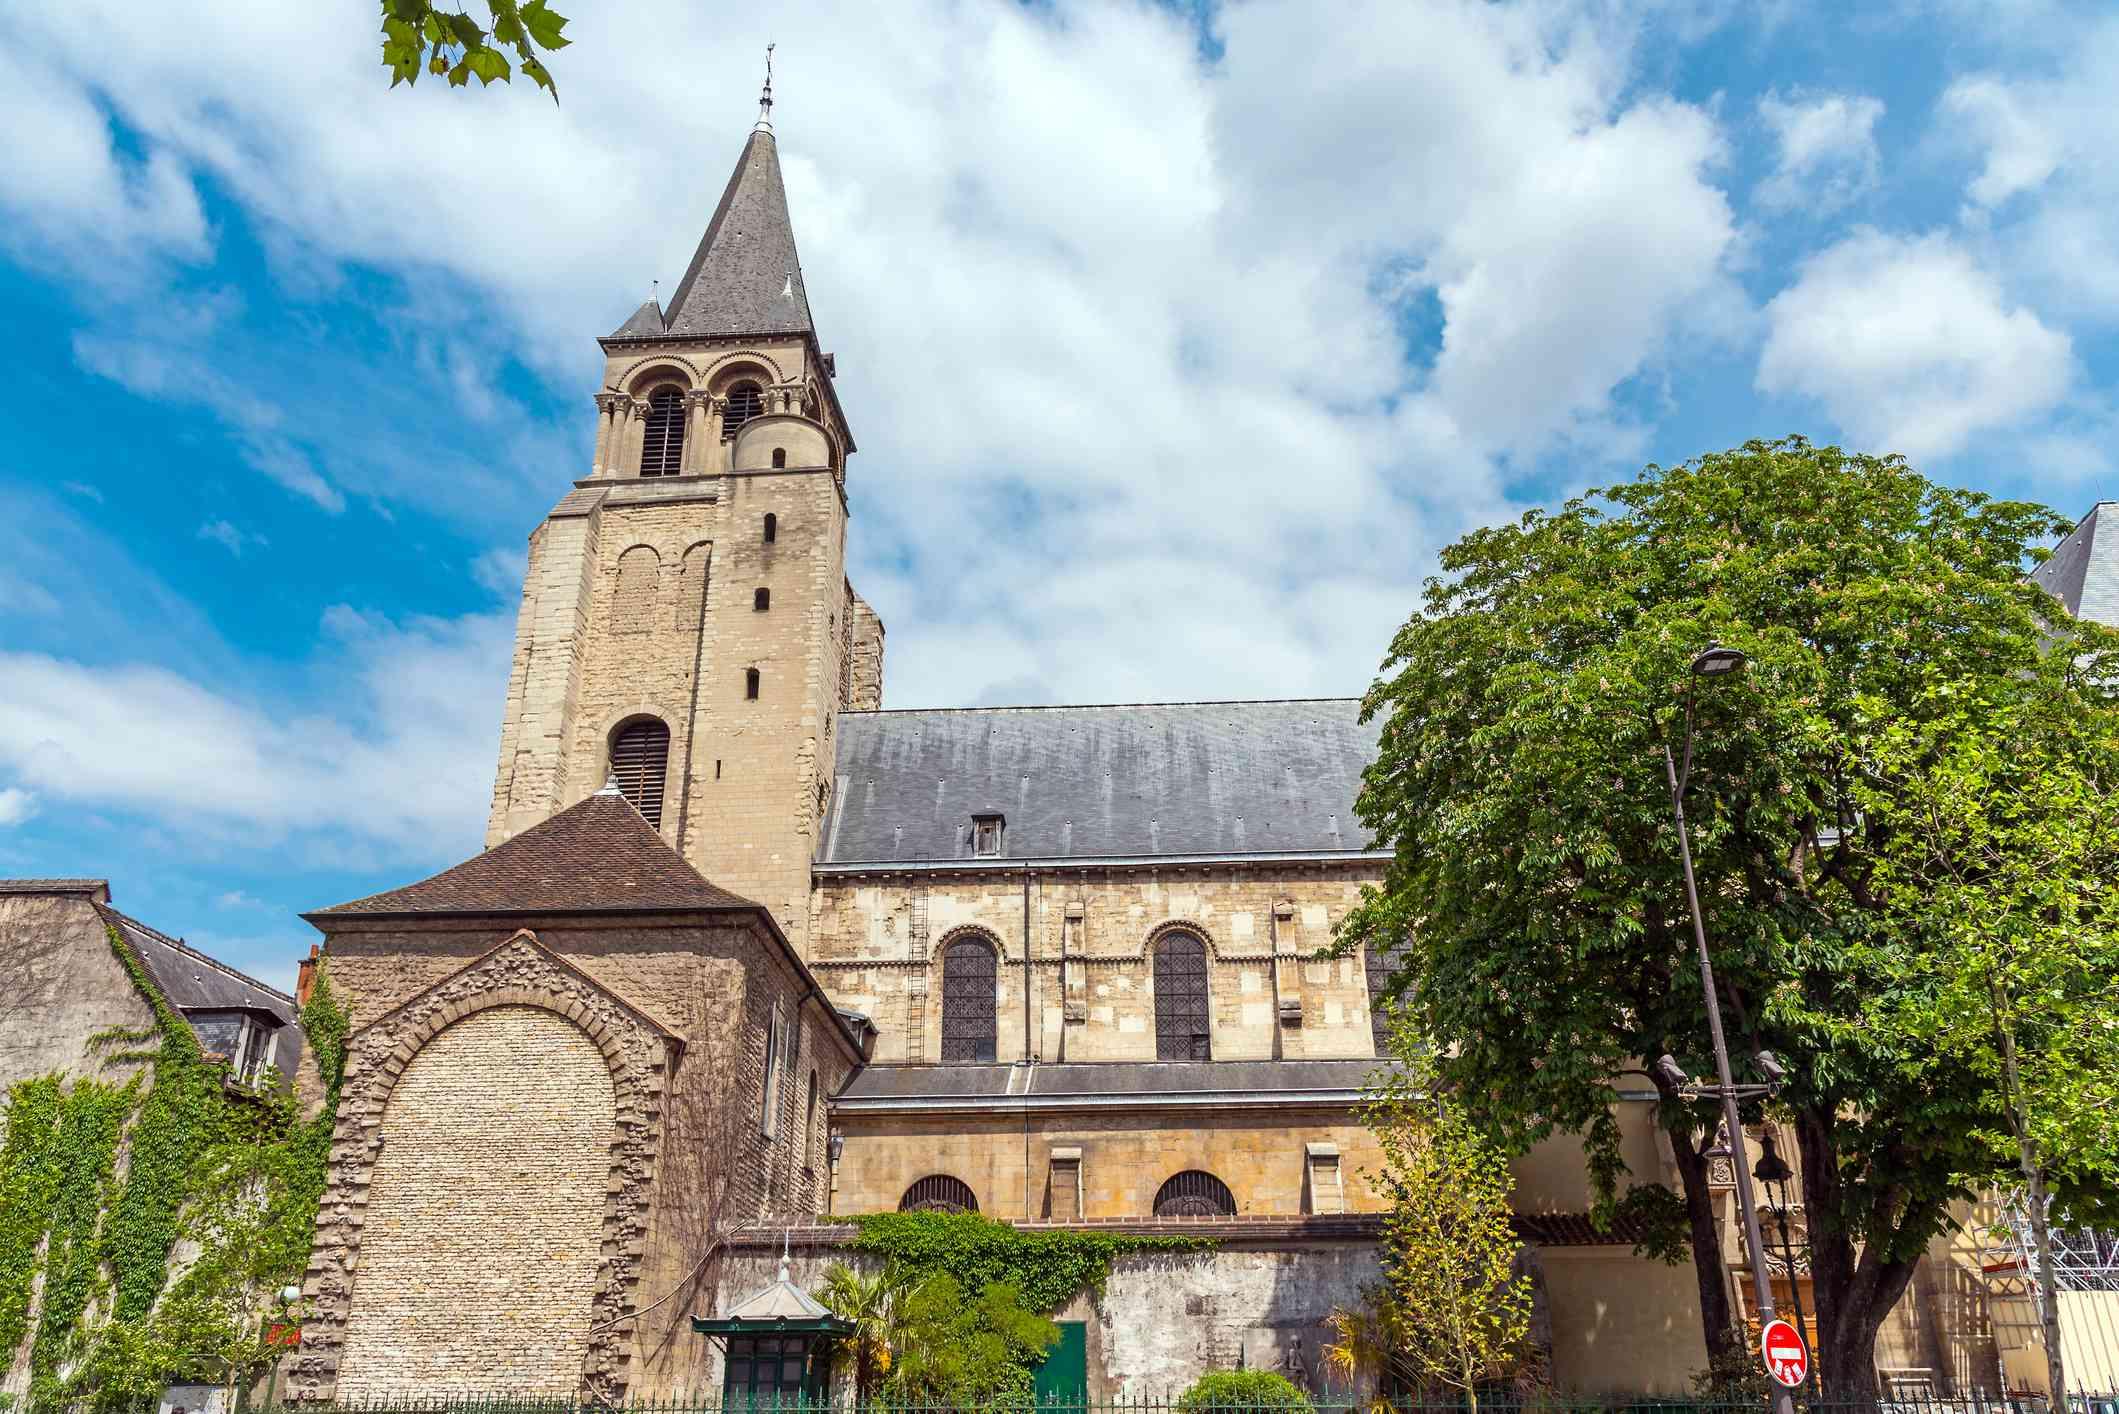 The Saint-Germain-des-Prés Abbey in Paris, France